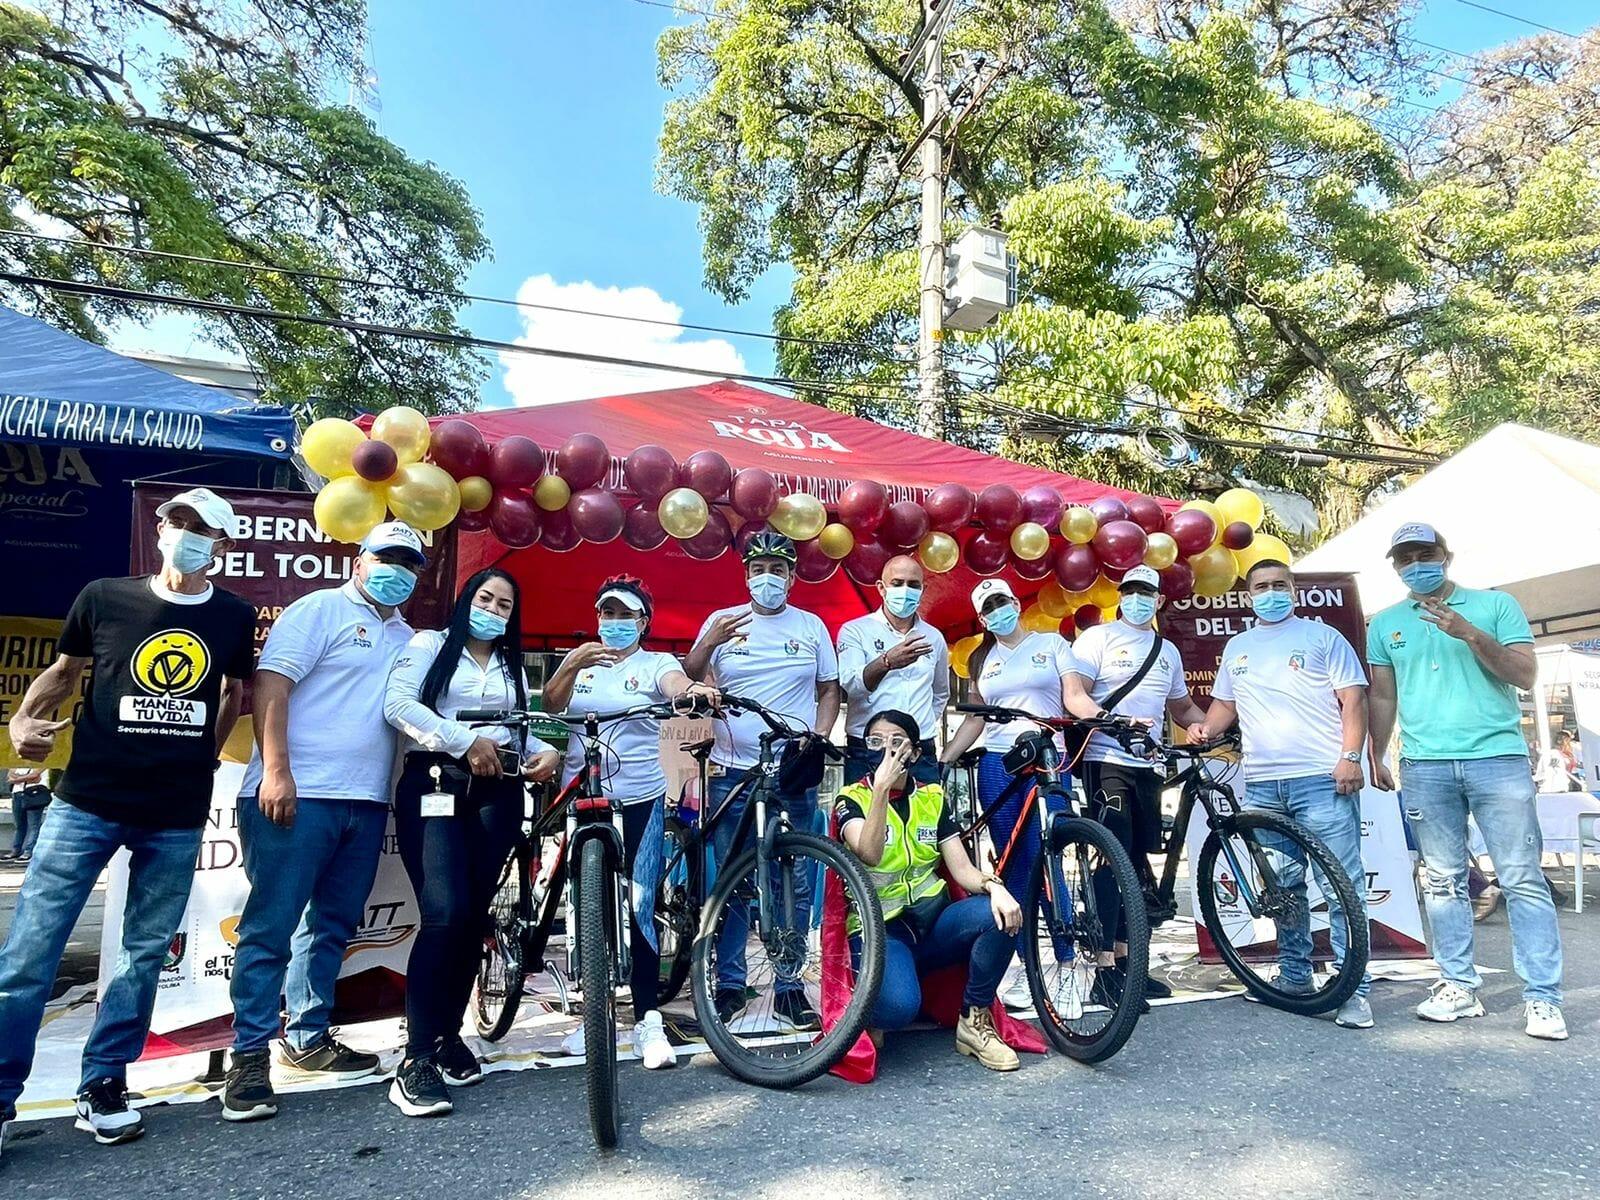 En el día sin carro y moto, la Gobernación y alcaldía atendieron 3153 personas en los encuentros comunales de los miércoles. 2